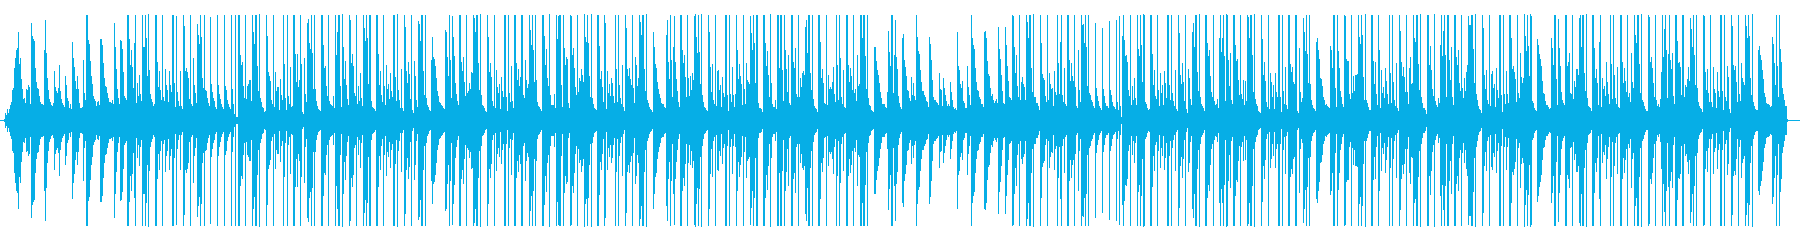 ローファイ、チルアウト、ピアノの再生済みの波形